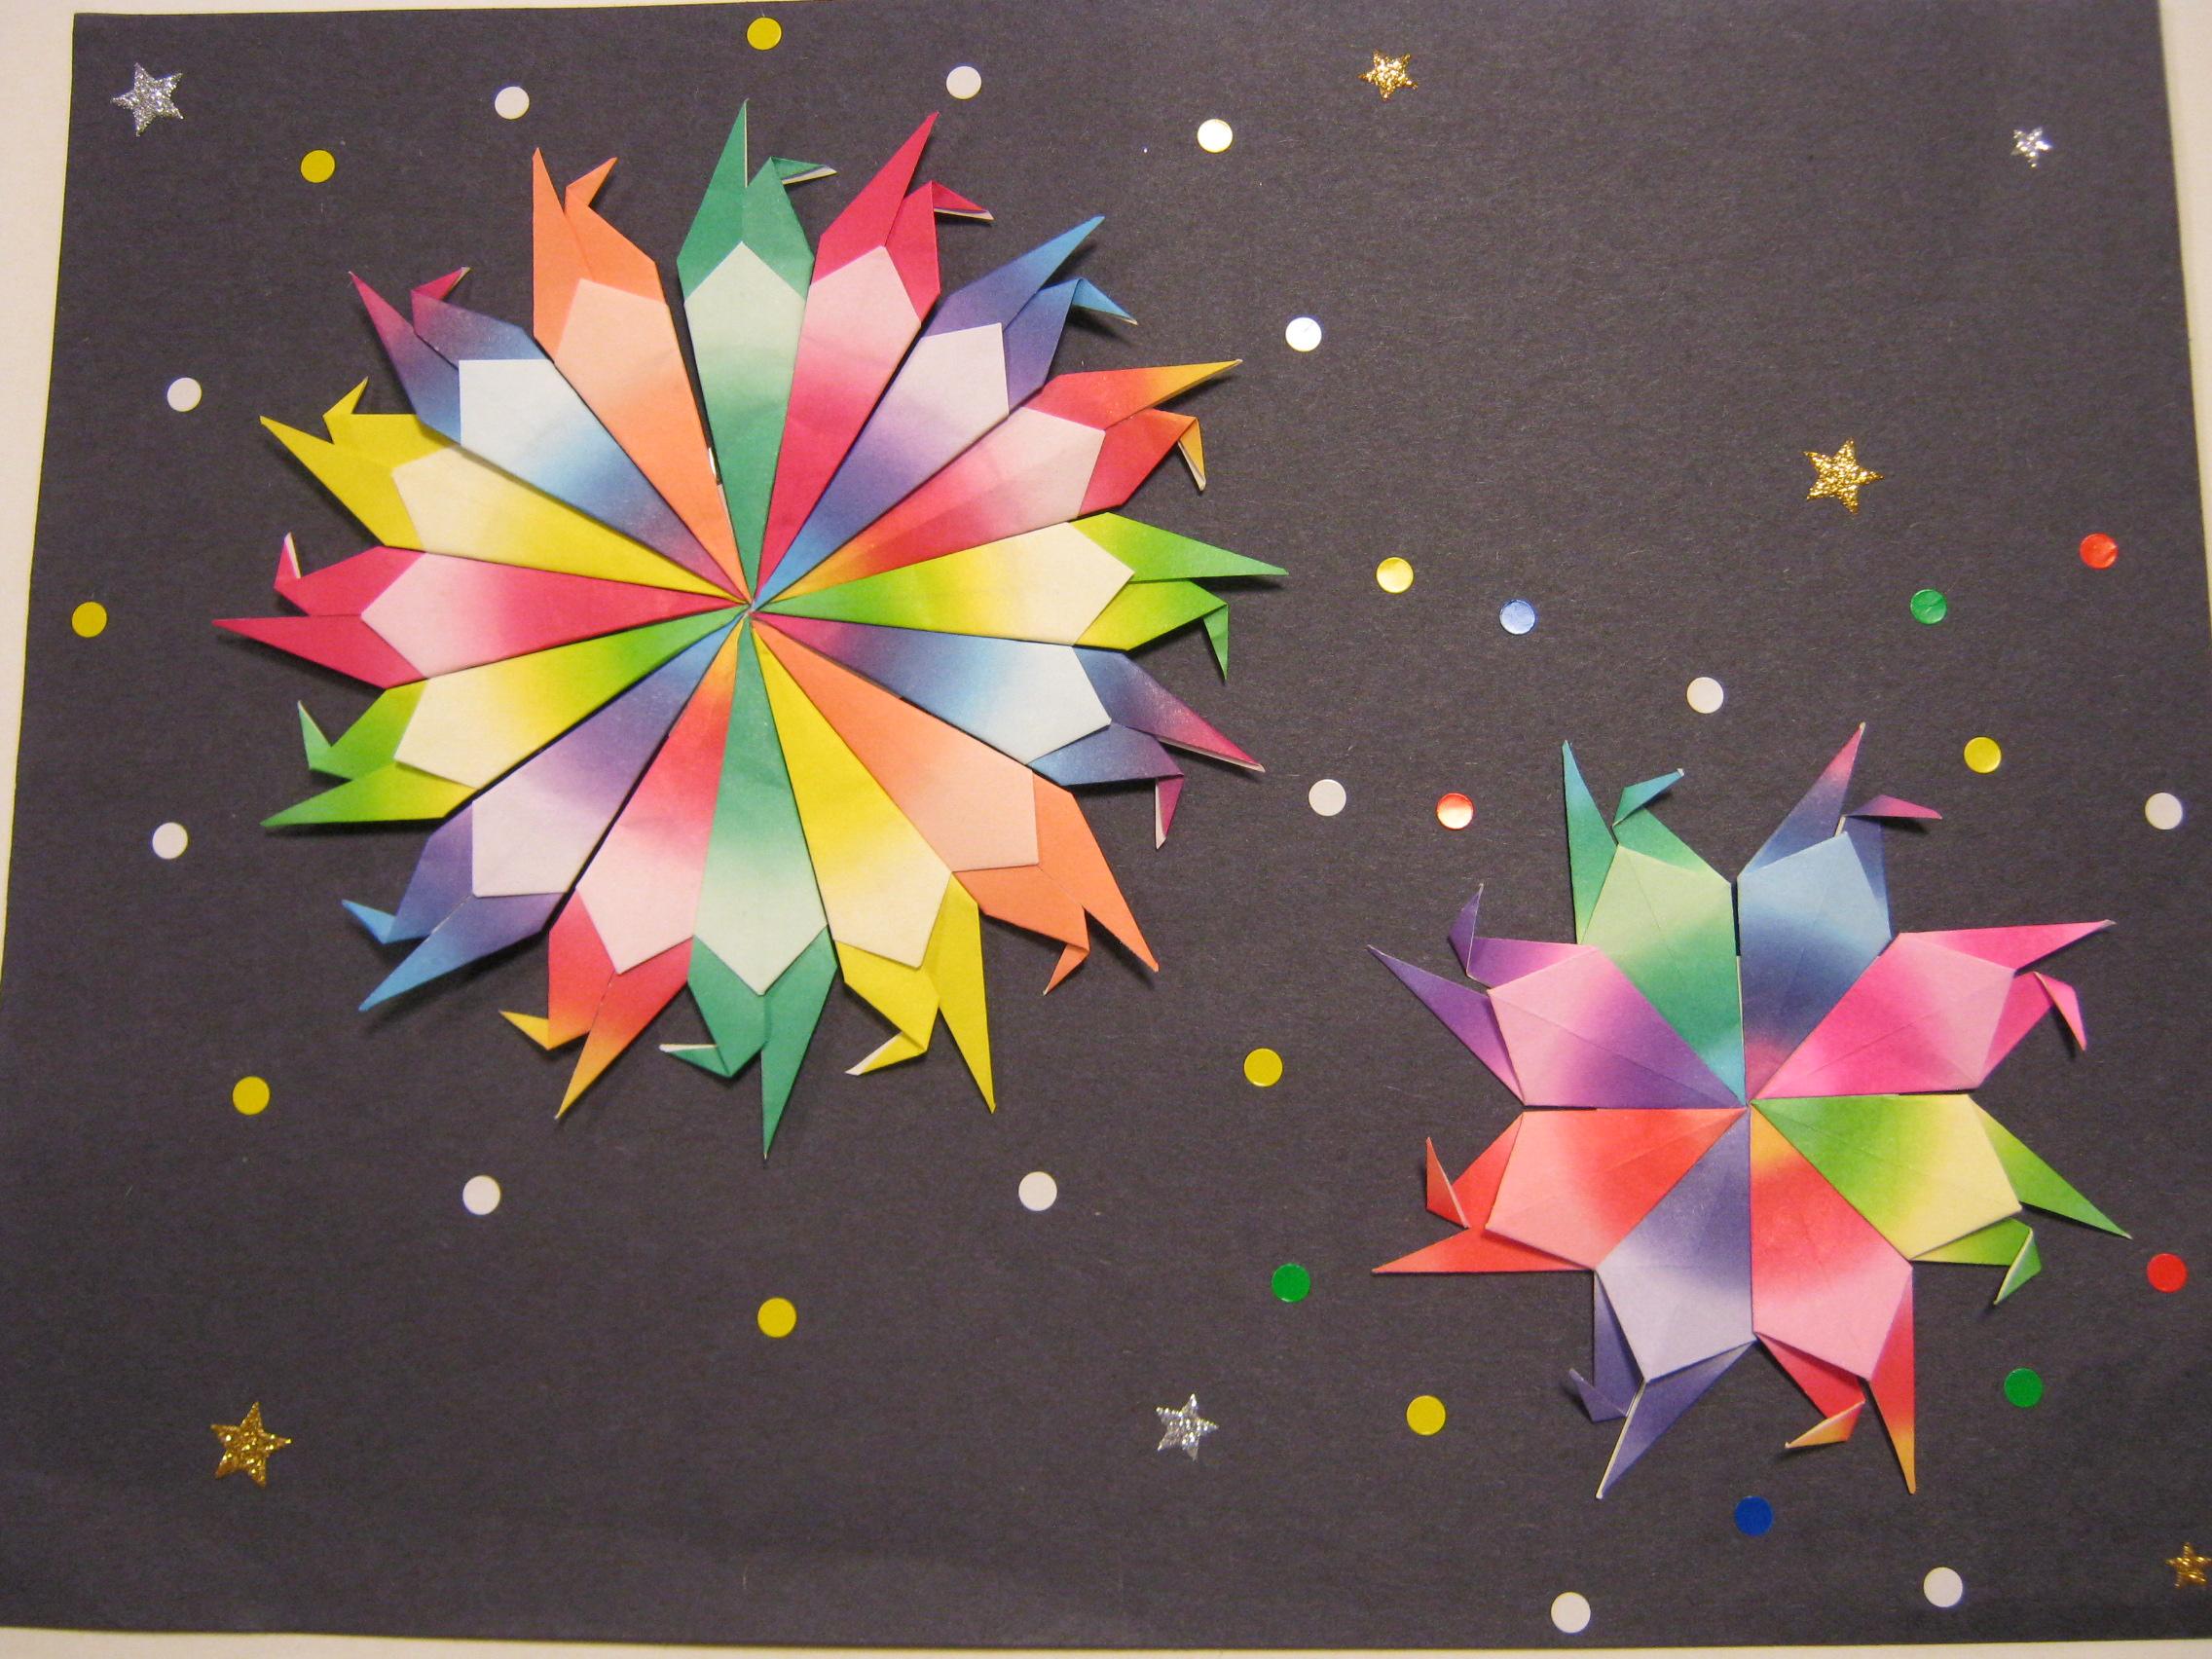 すべての折り紙 夏の折り紙 簡単 : みんなが作ったこの花火なら ...